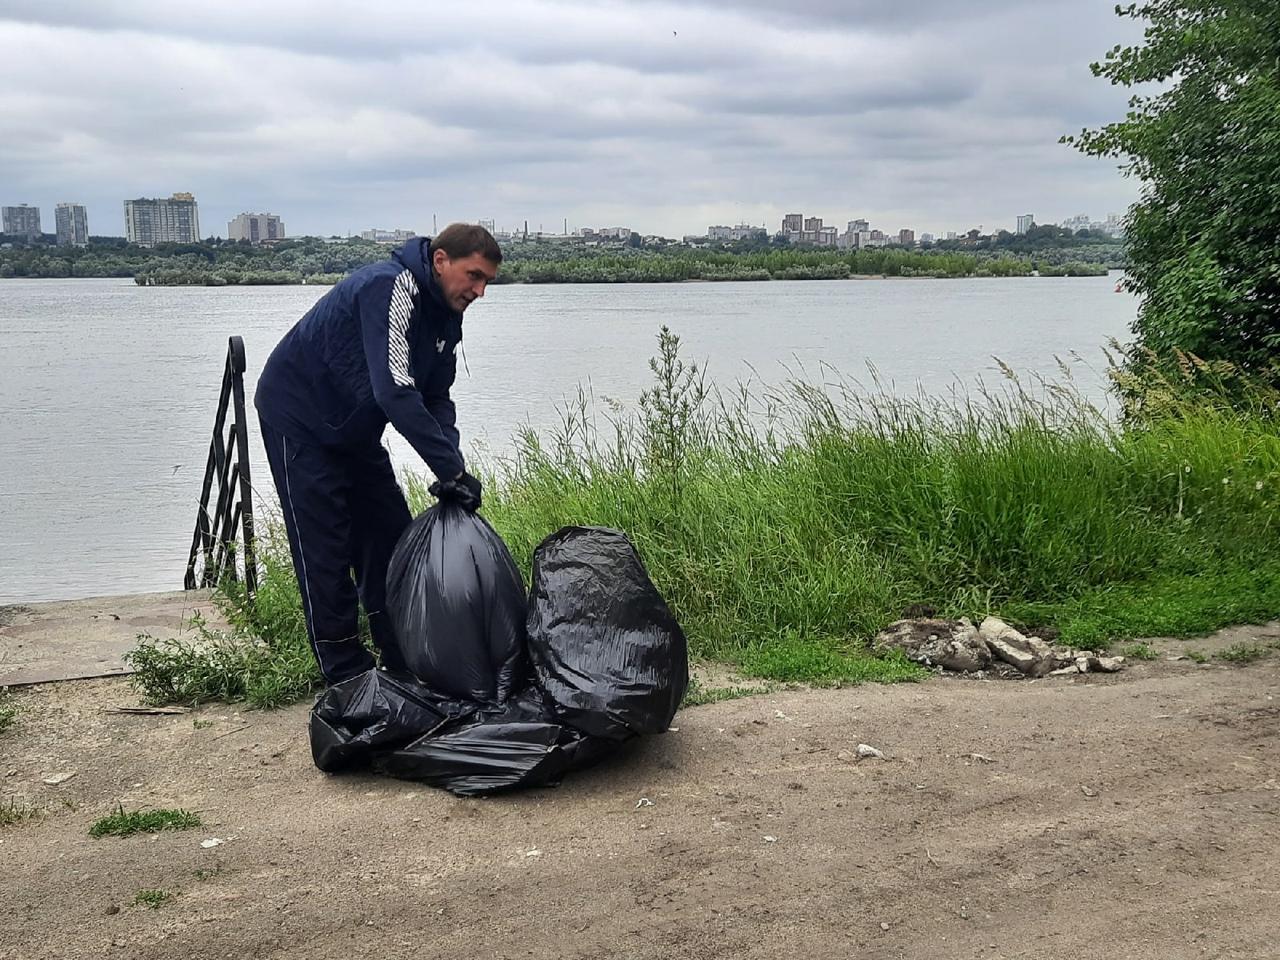 фото Активисты очистили левый берег Оби от мусора в Новосибирске 2